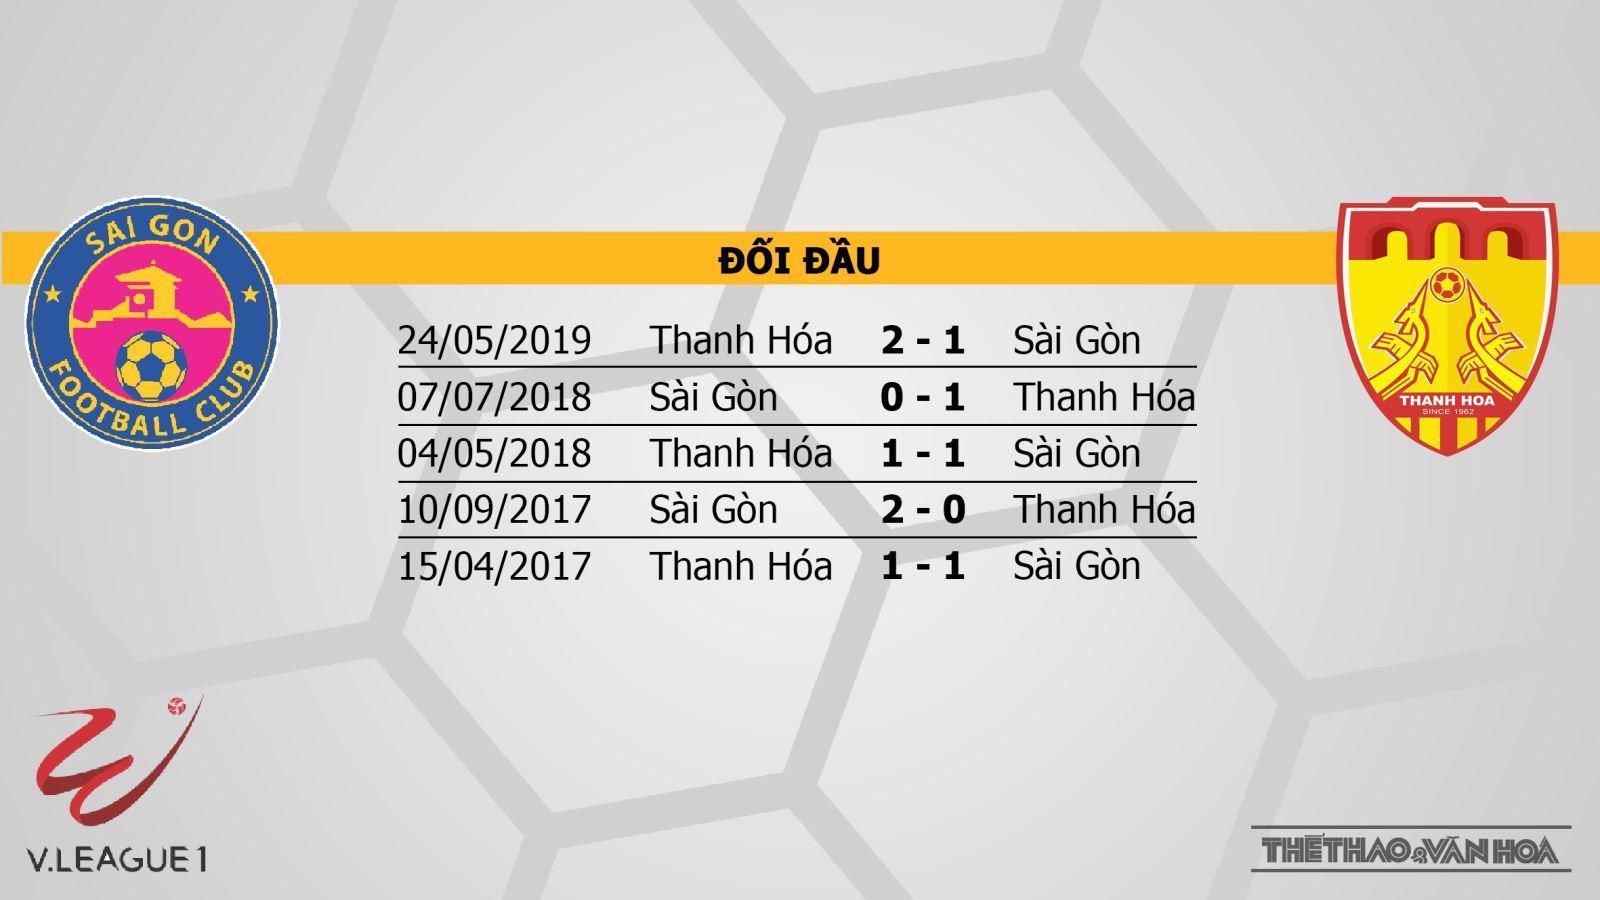 trực tiếp bóng đá, Sài Gòn vs Thanh Hóa, Sài Gòn đấu với Thanh Hóa, soi kèo bóng đá, truc tiep bong da, bong da hom nay, V-League 2019, VTV6, Bóng đá TV, FPT Play